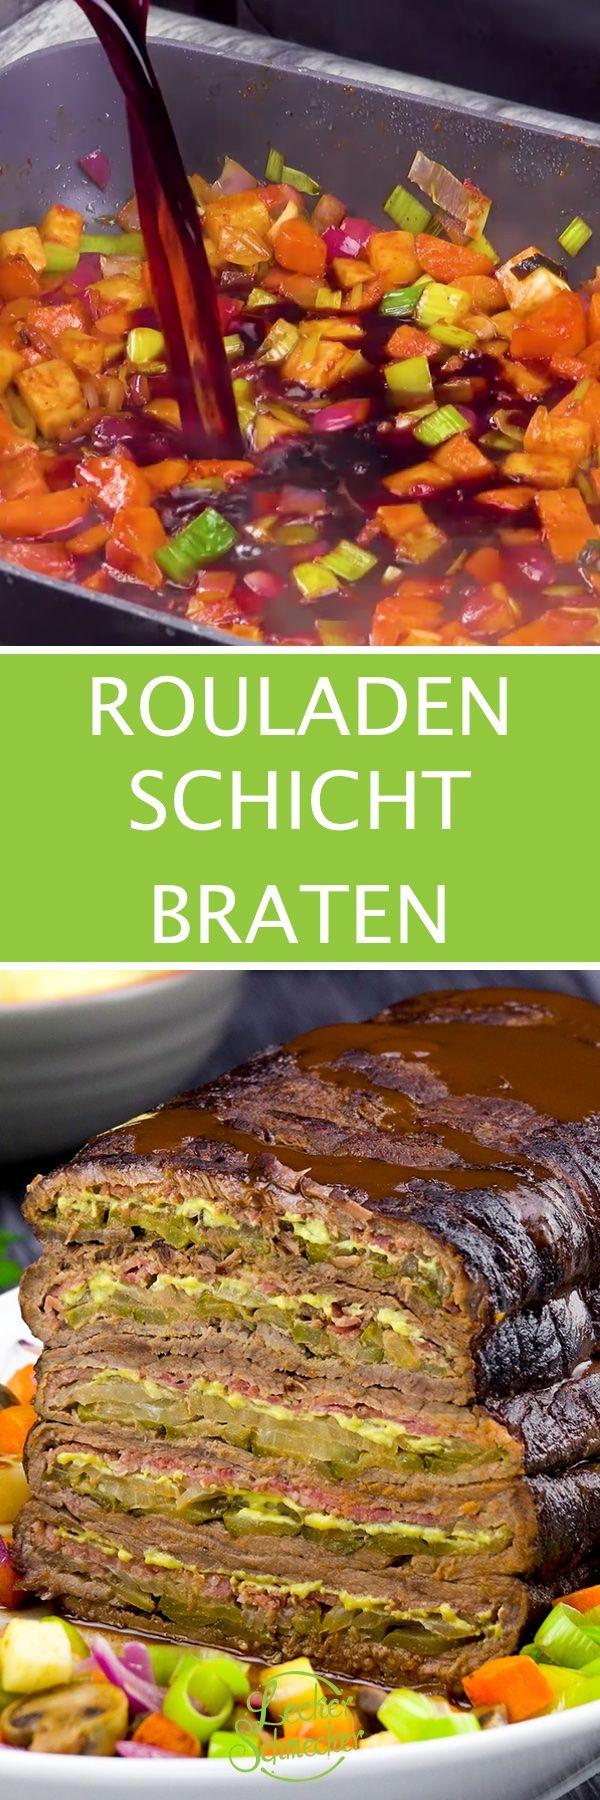 Rouladen-Schichtbraten-Rezept bringt herzhafte Hausmannskost auf den Tisch.